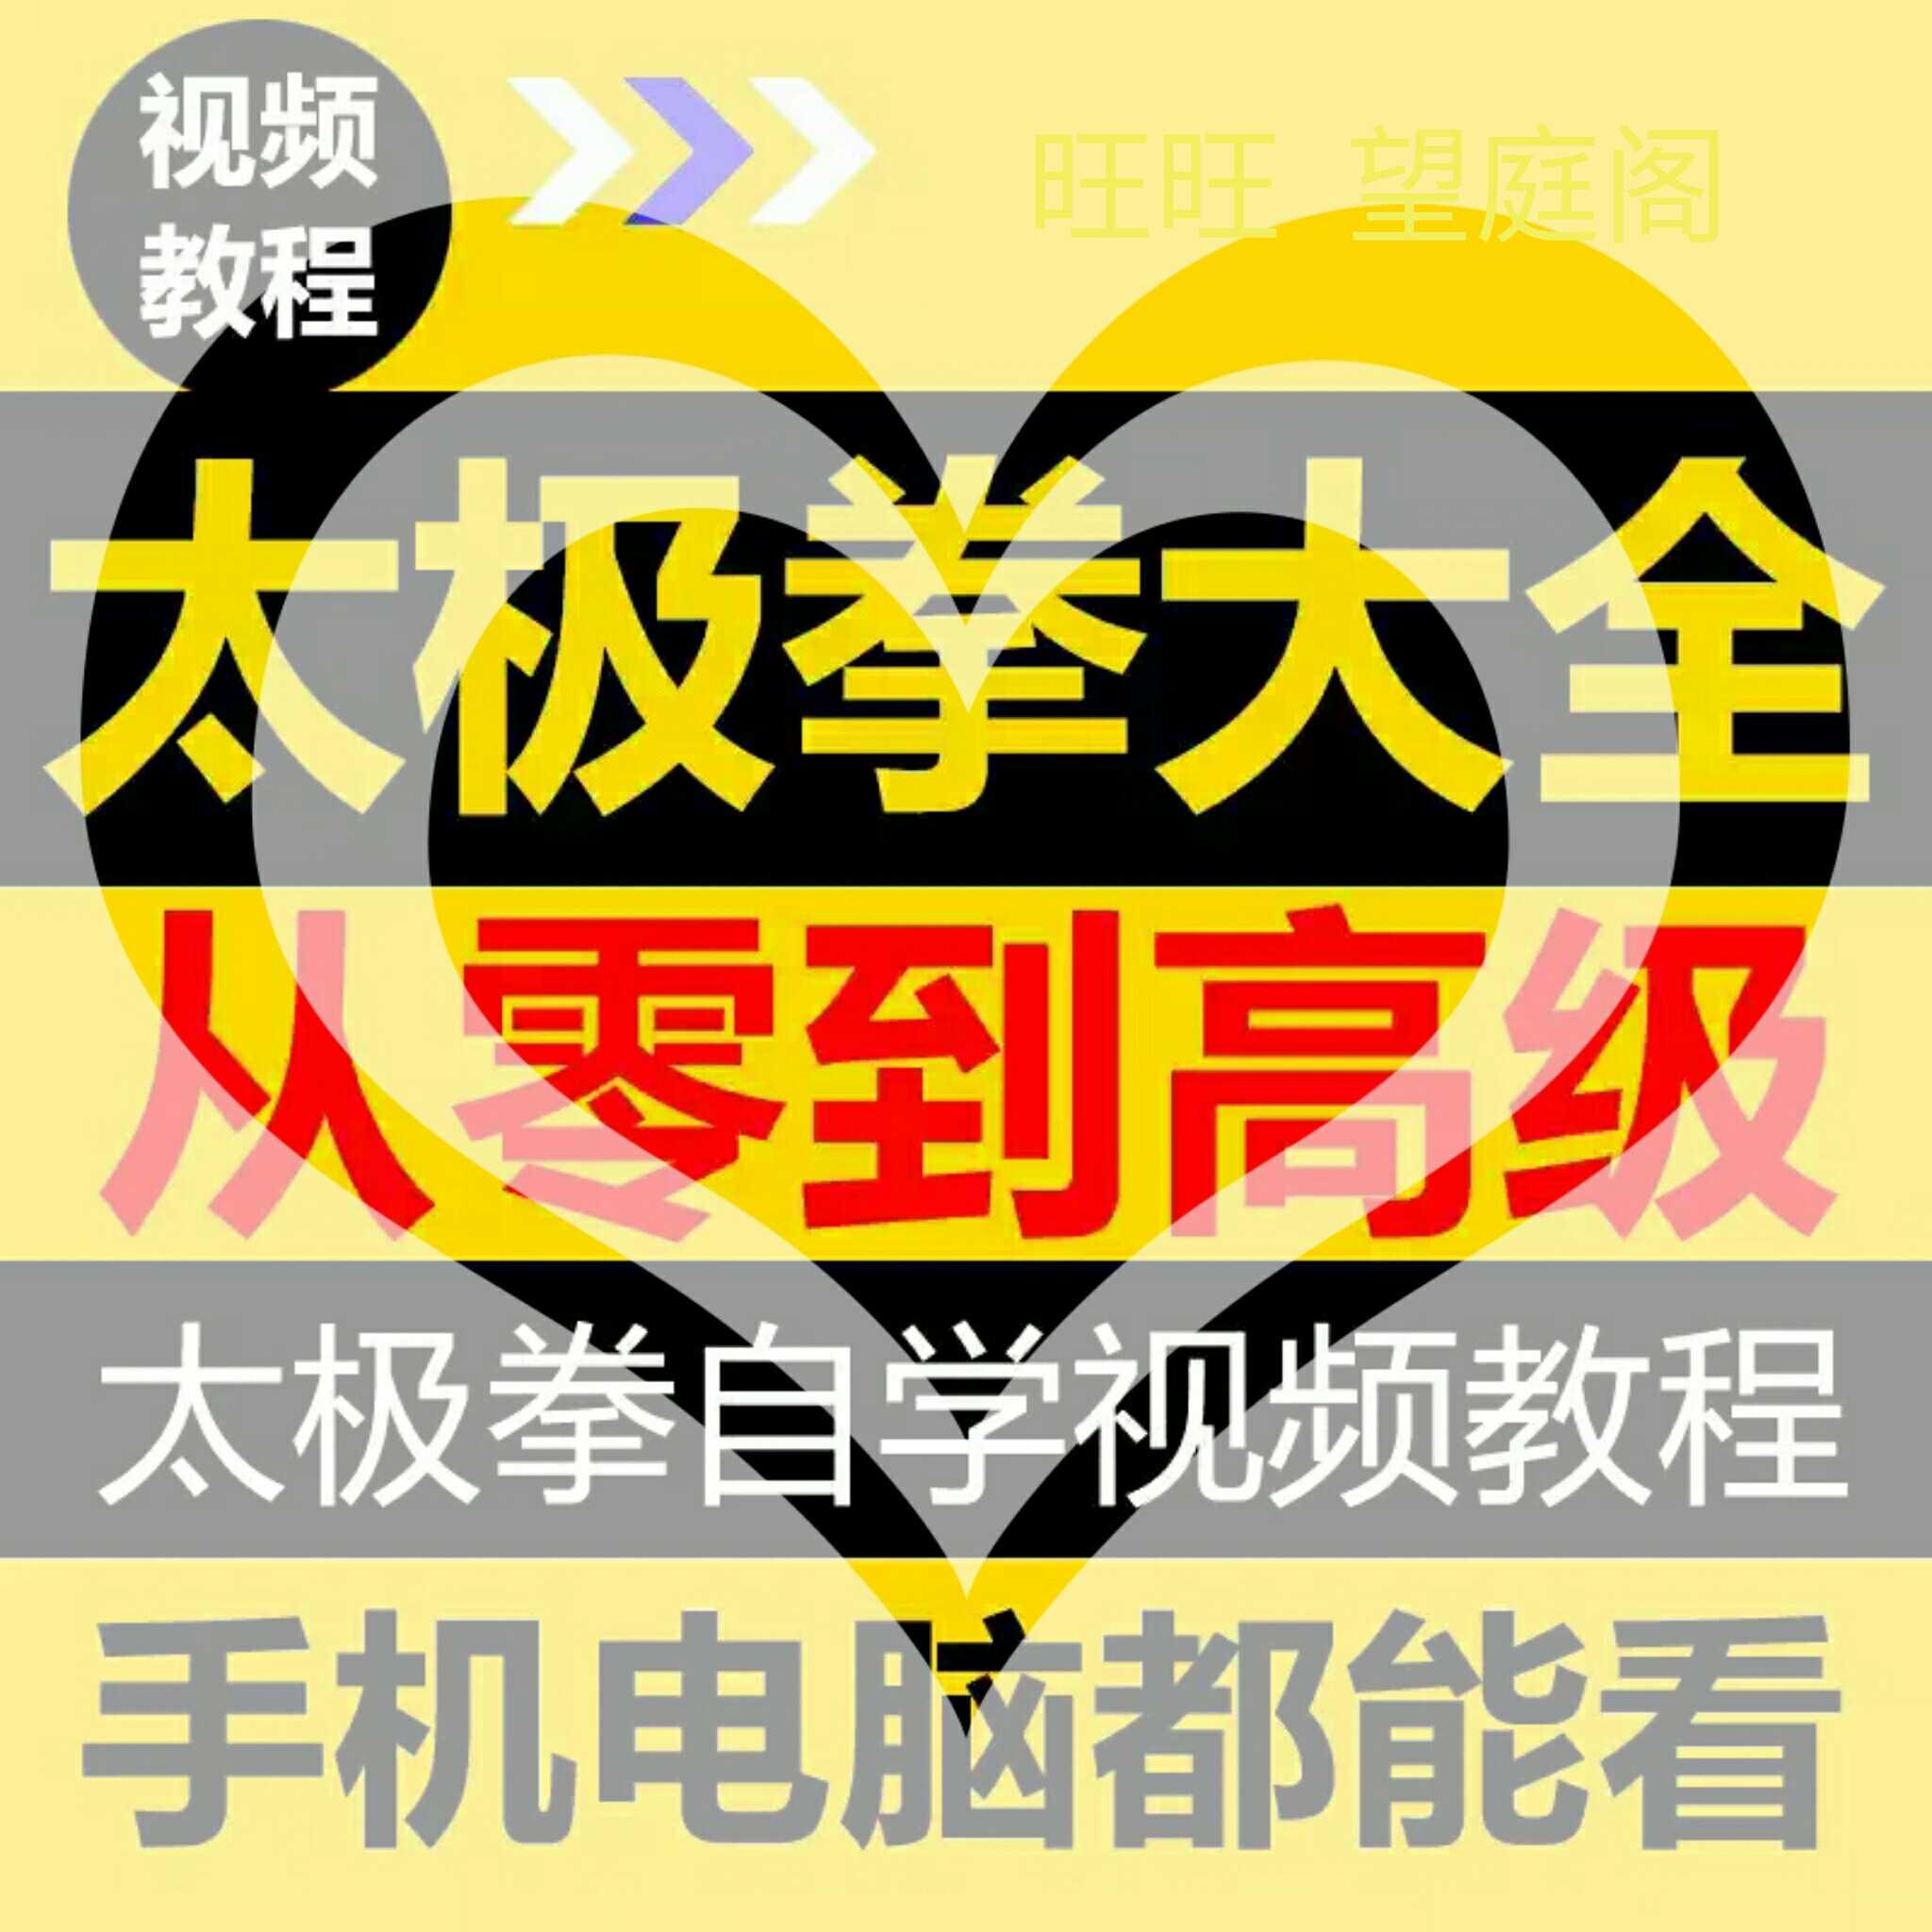 吴阿敏四十二式42式太极拳示范教学视频教程